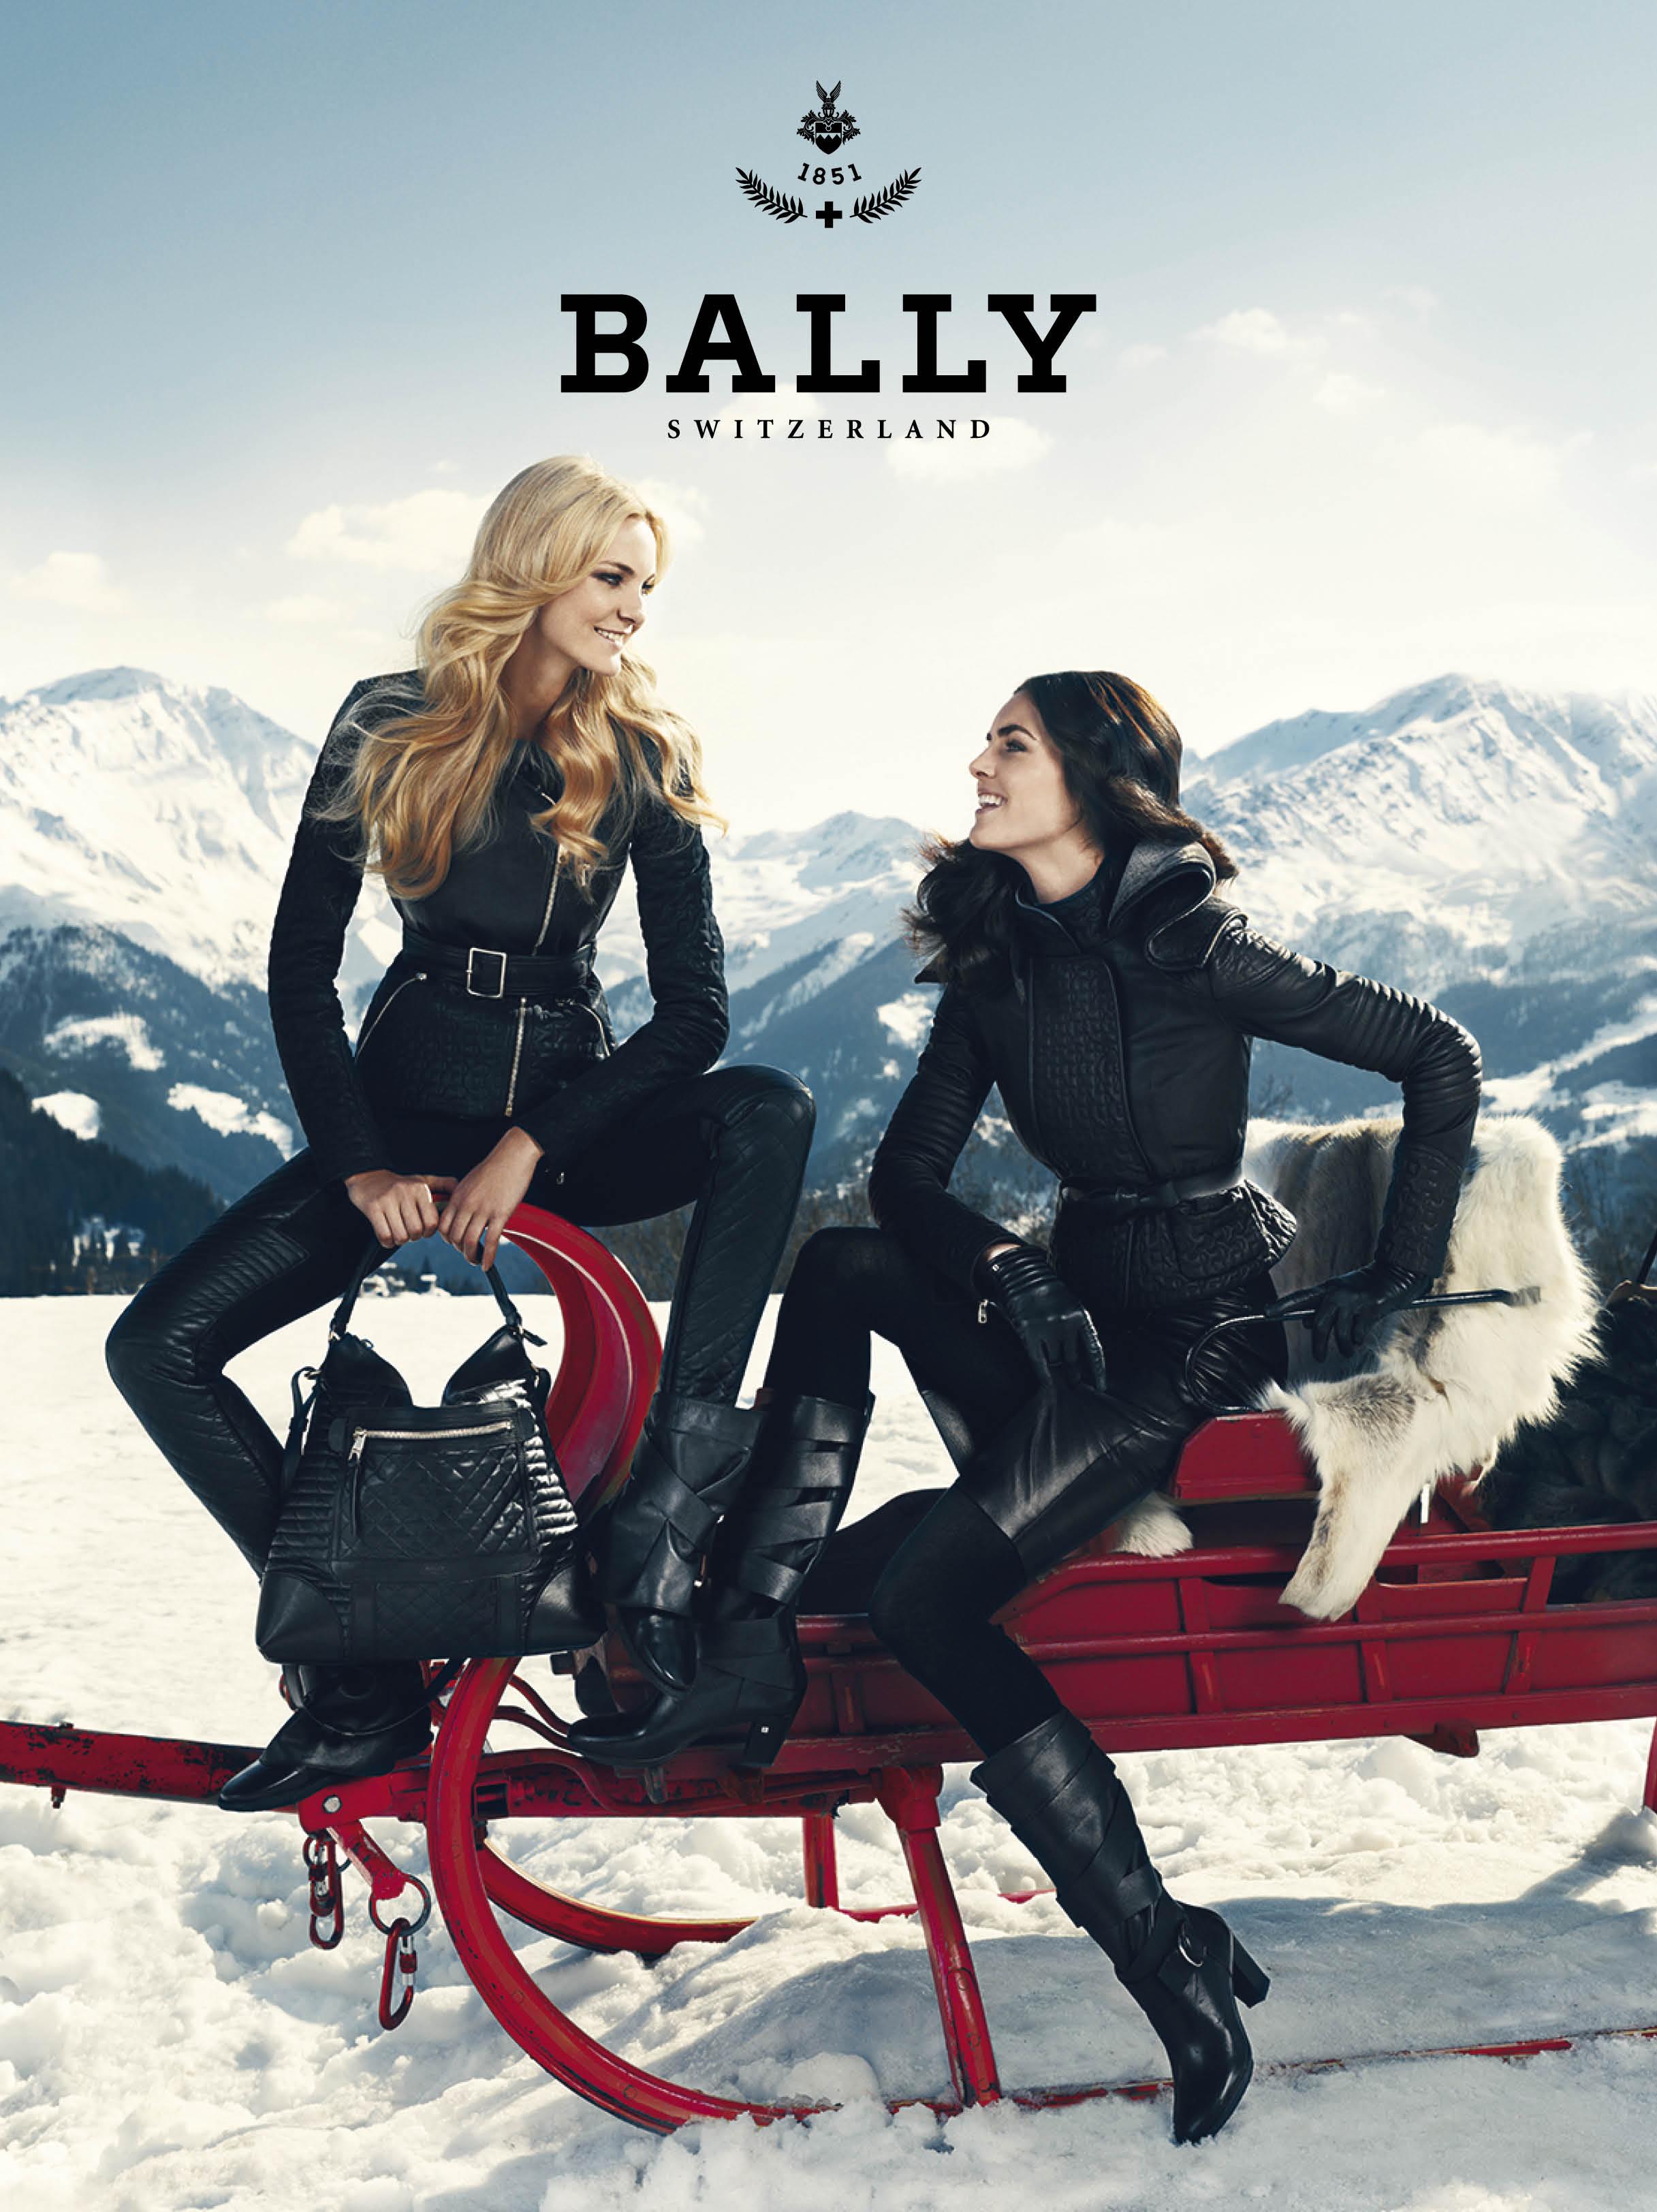 bally – Seite 2 von 5